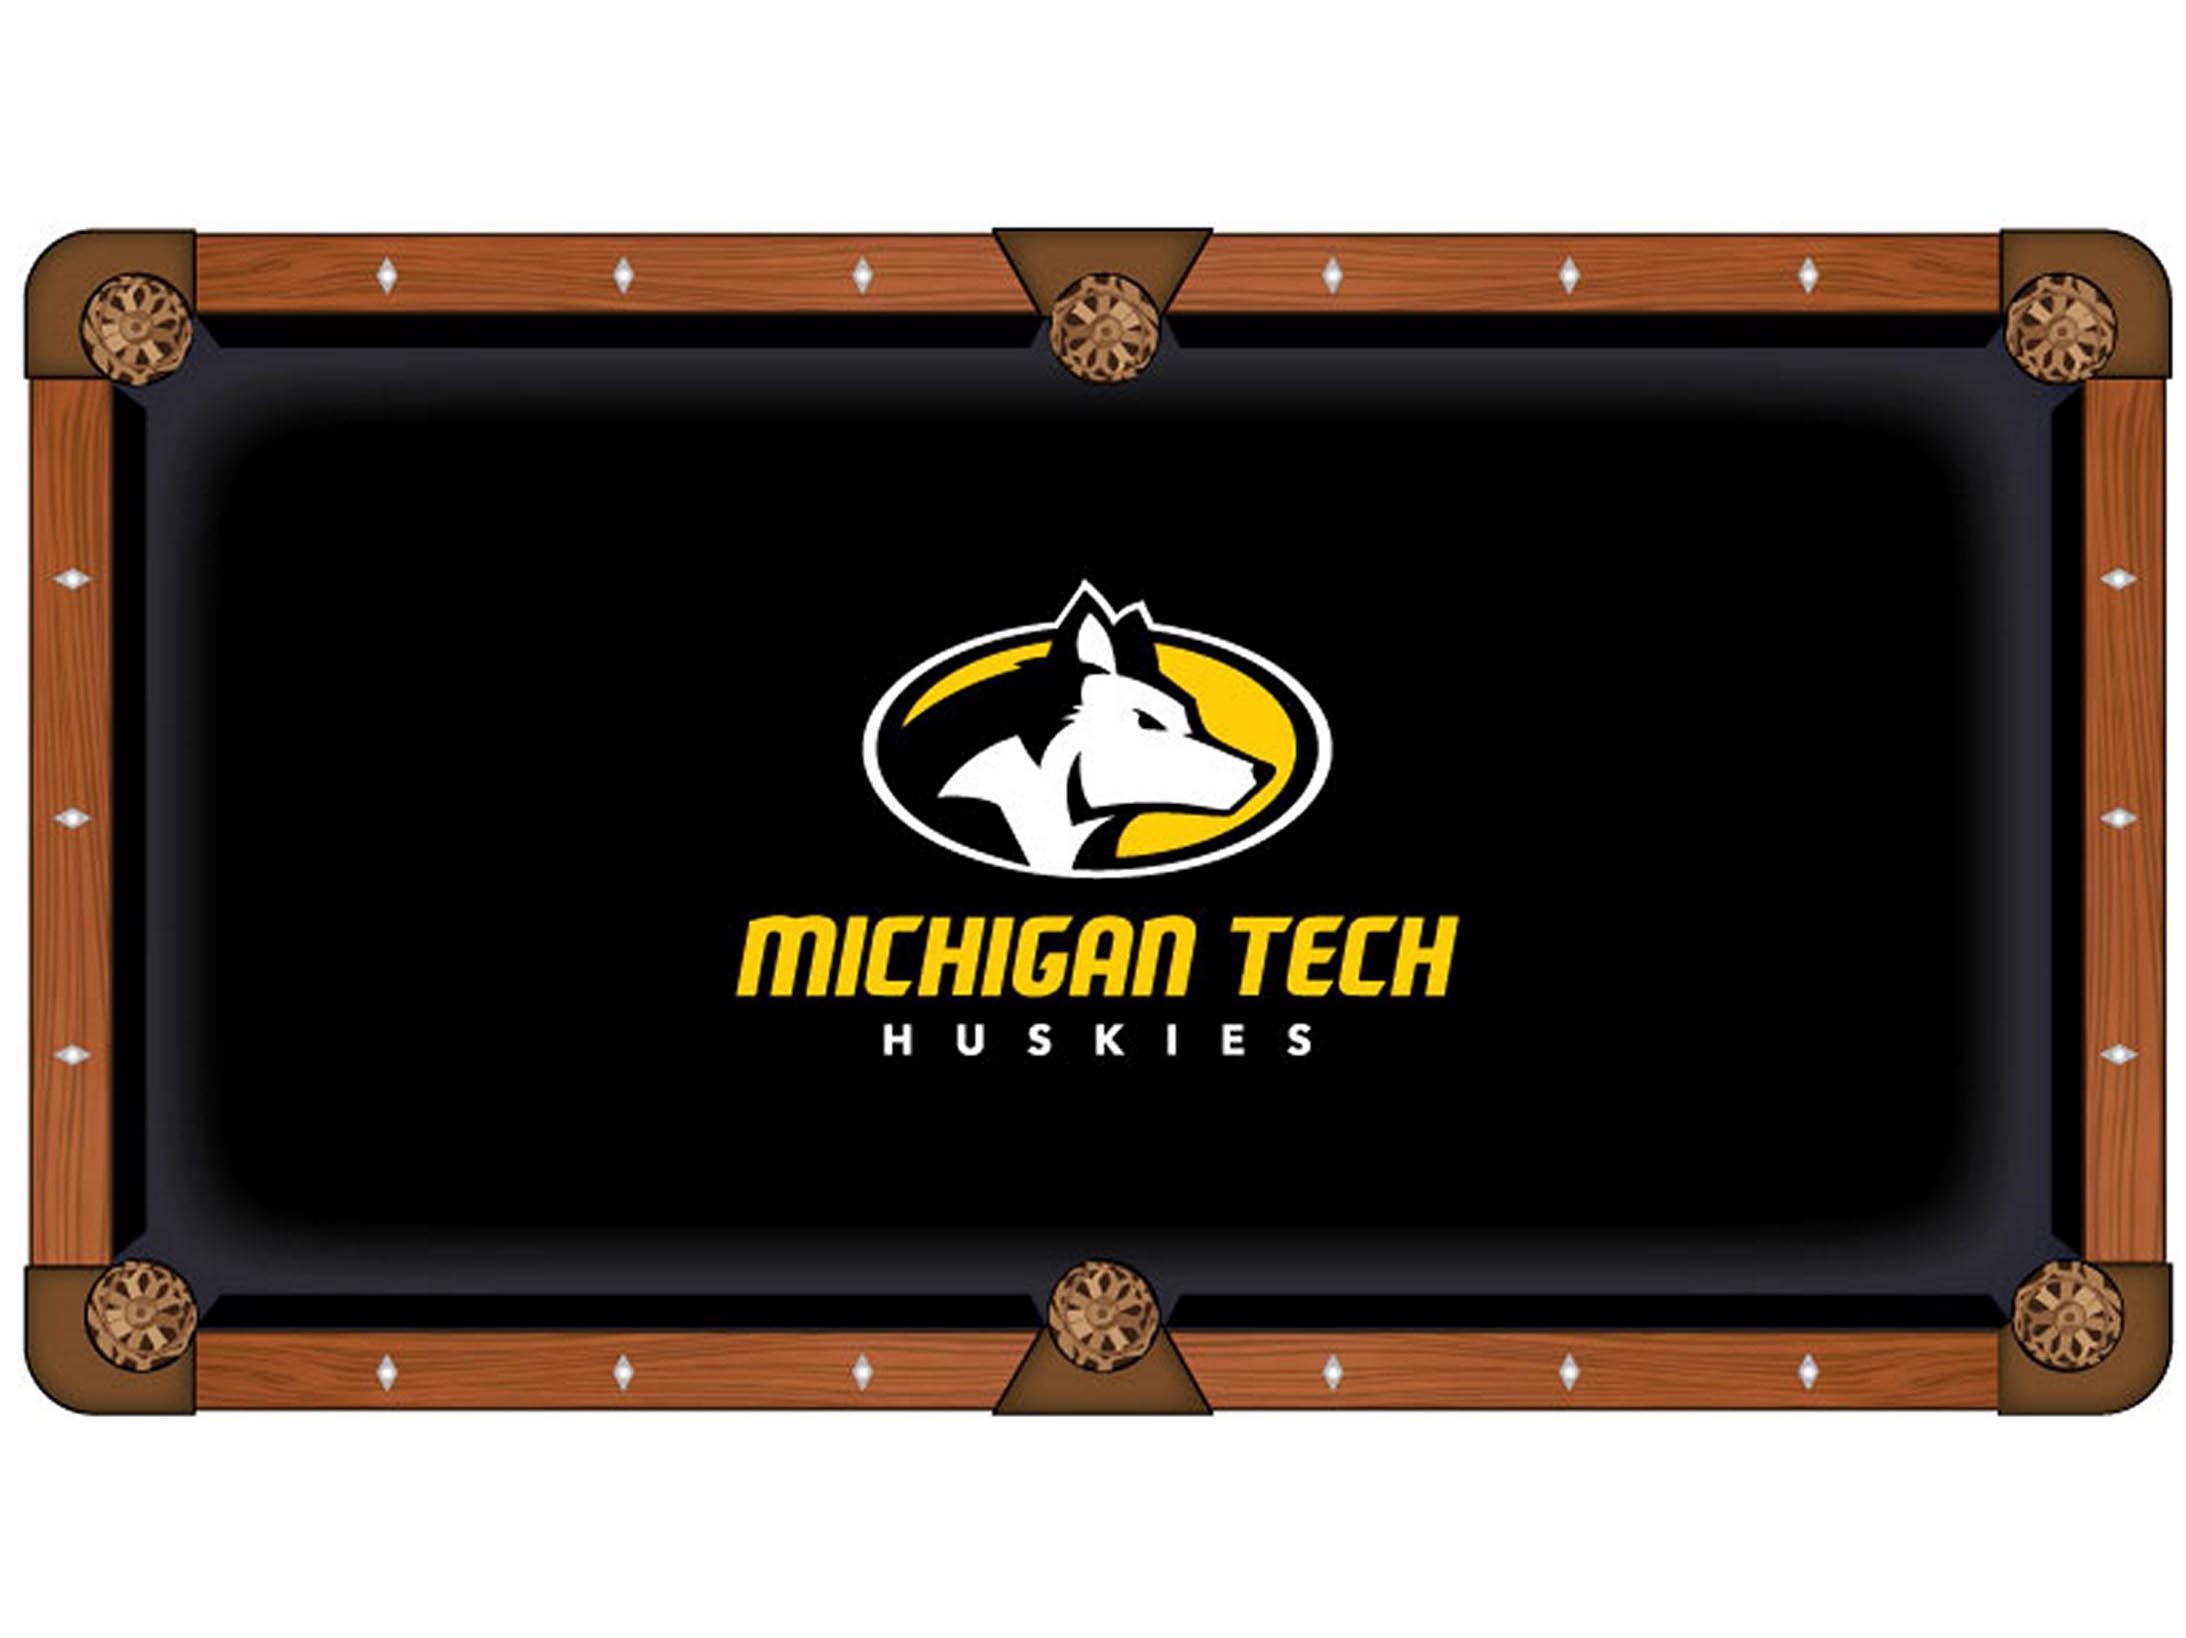 Stylish Michigan Tech University Pool Table Cloth Product Photo